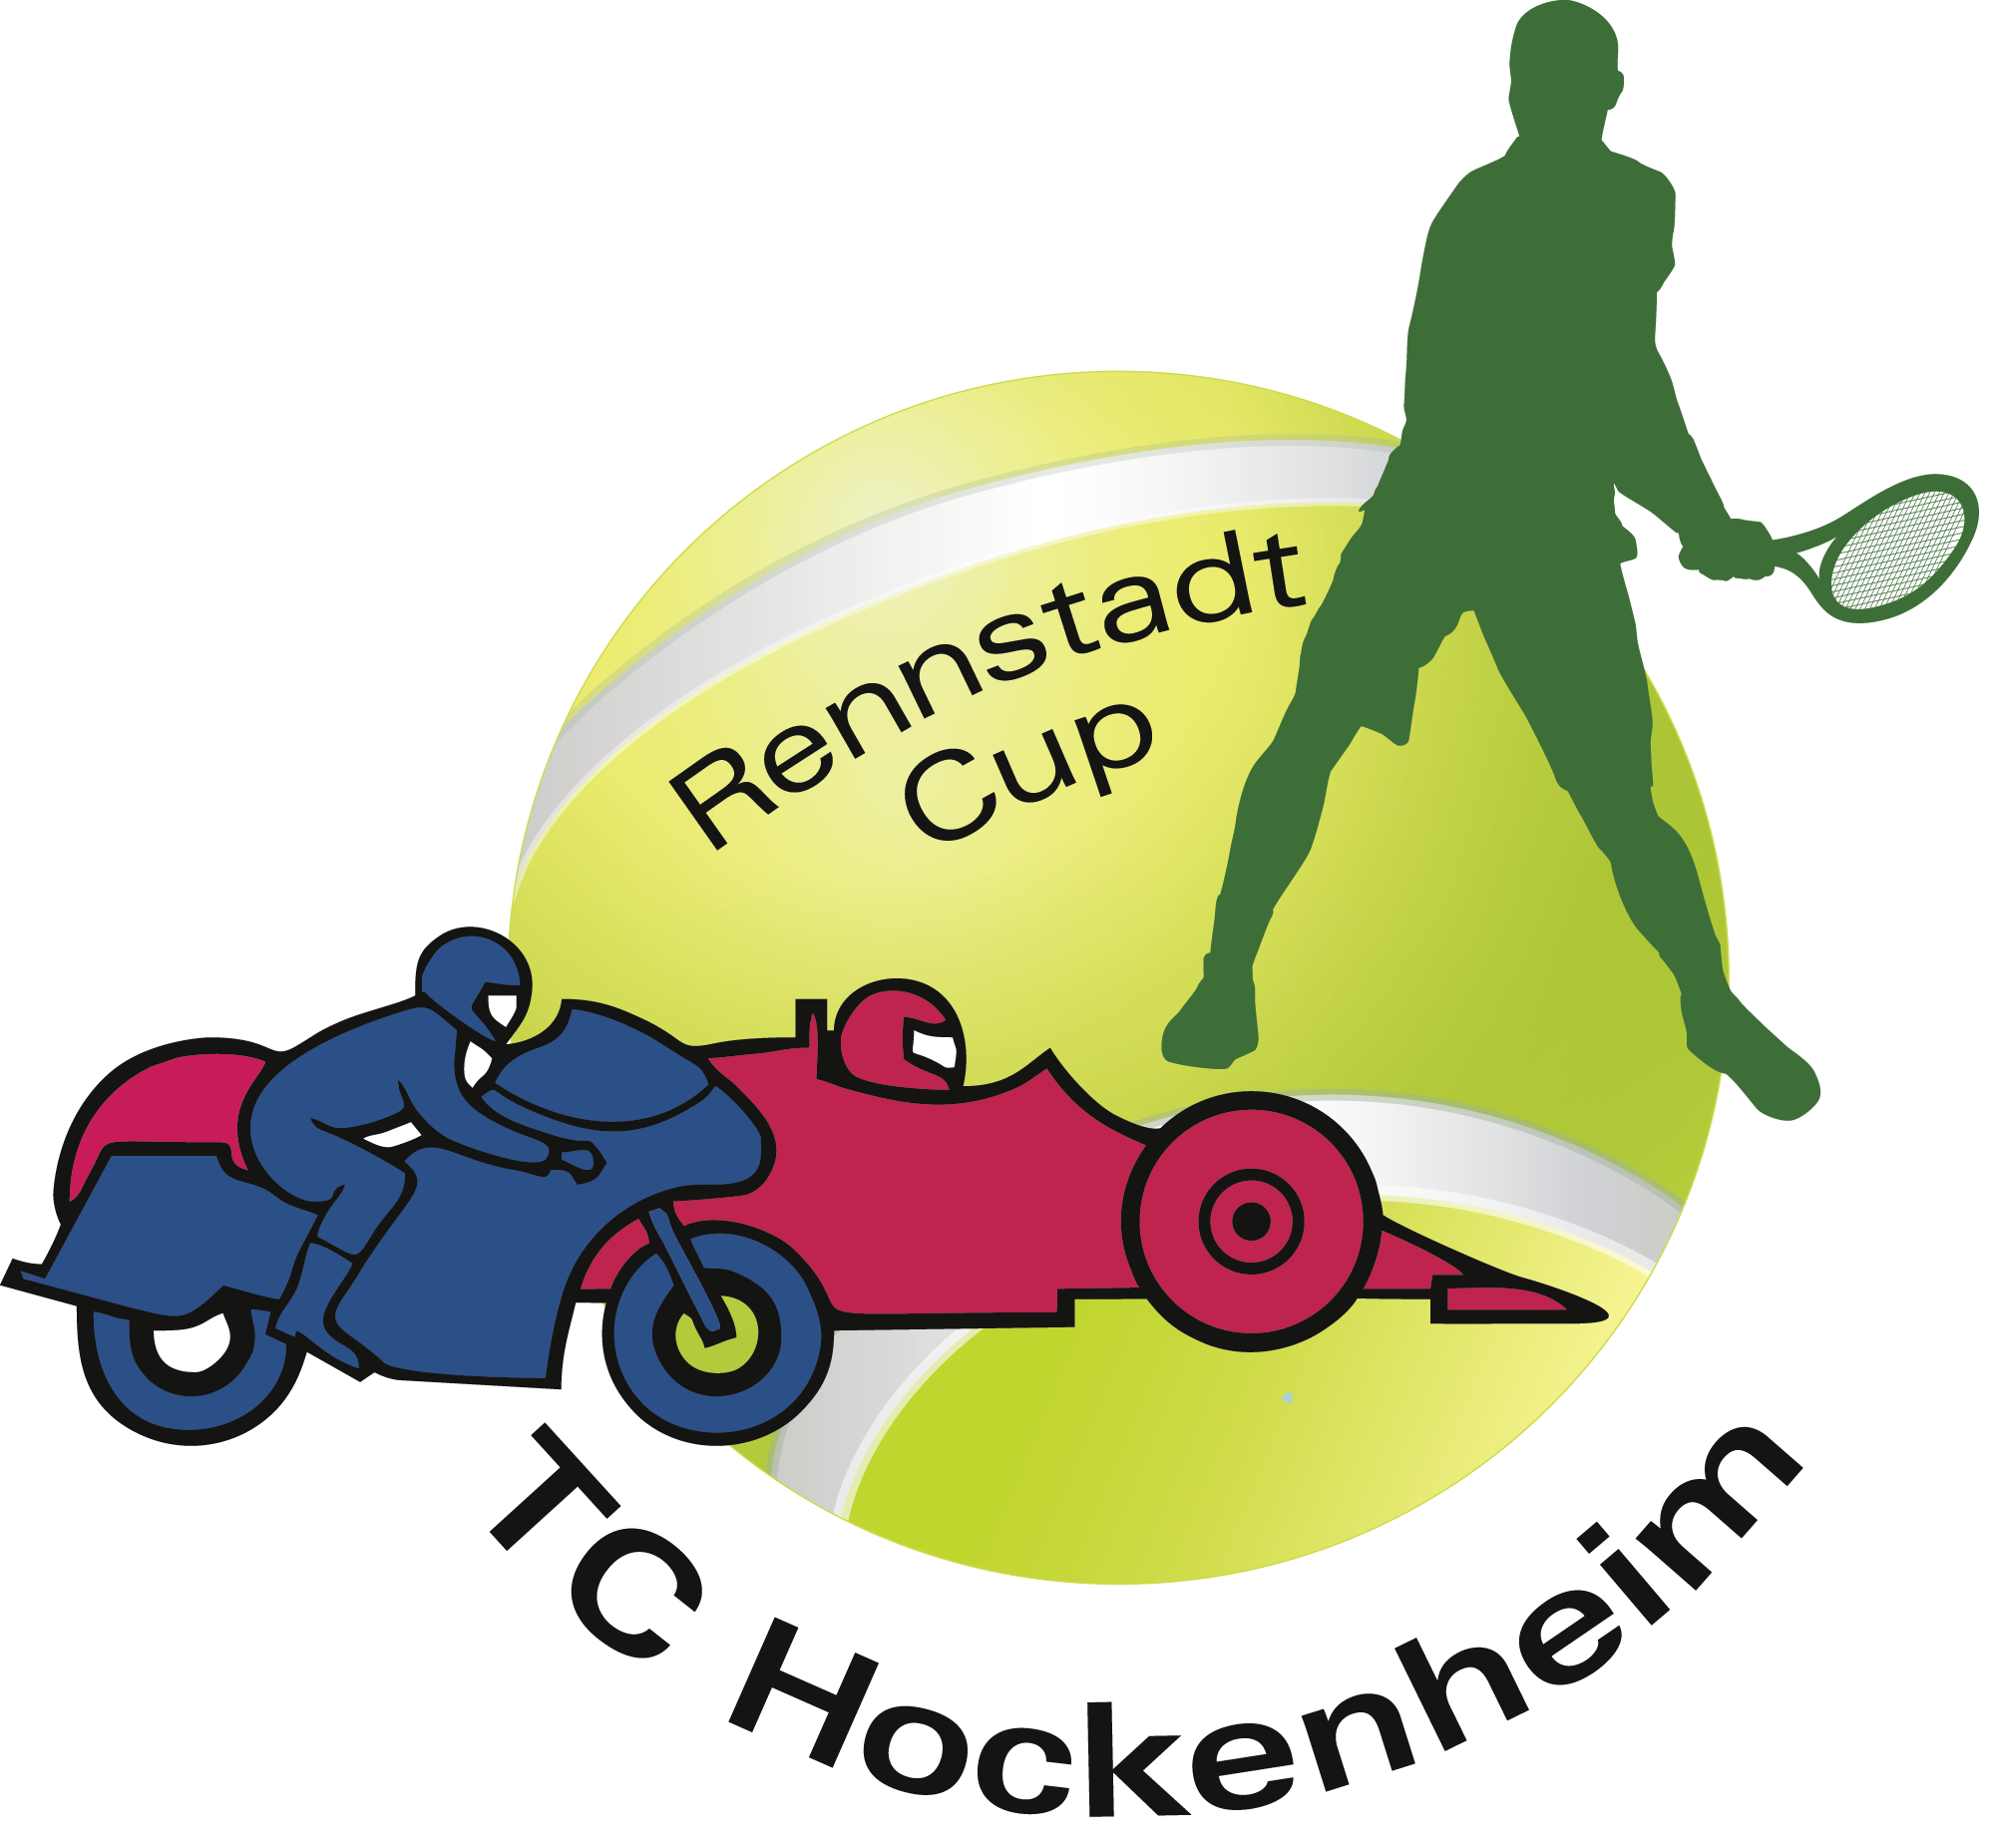 TC-Hockenheim_RennstadtCup_RGB